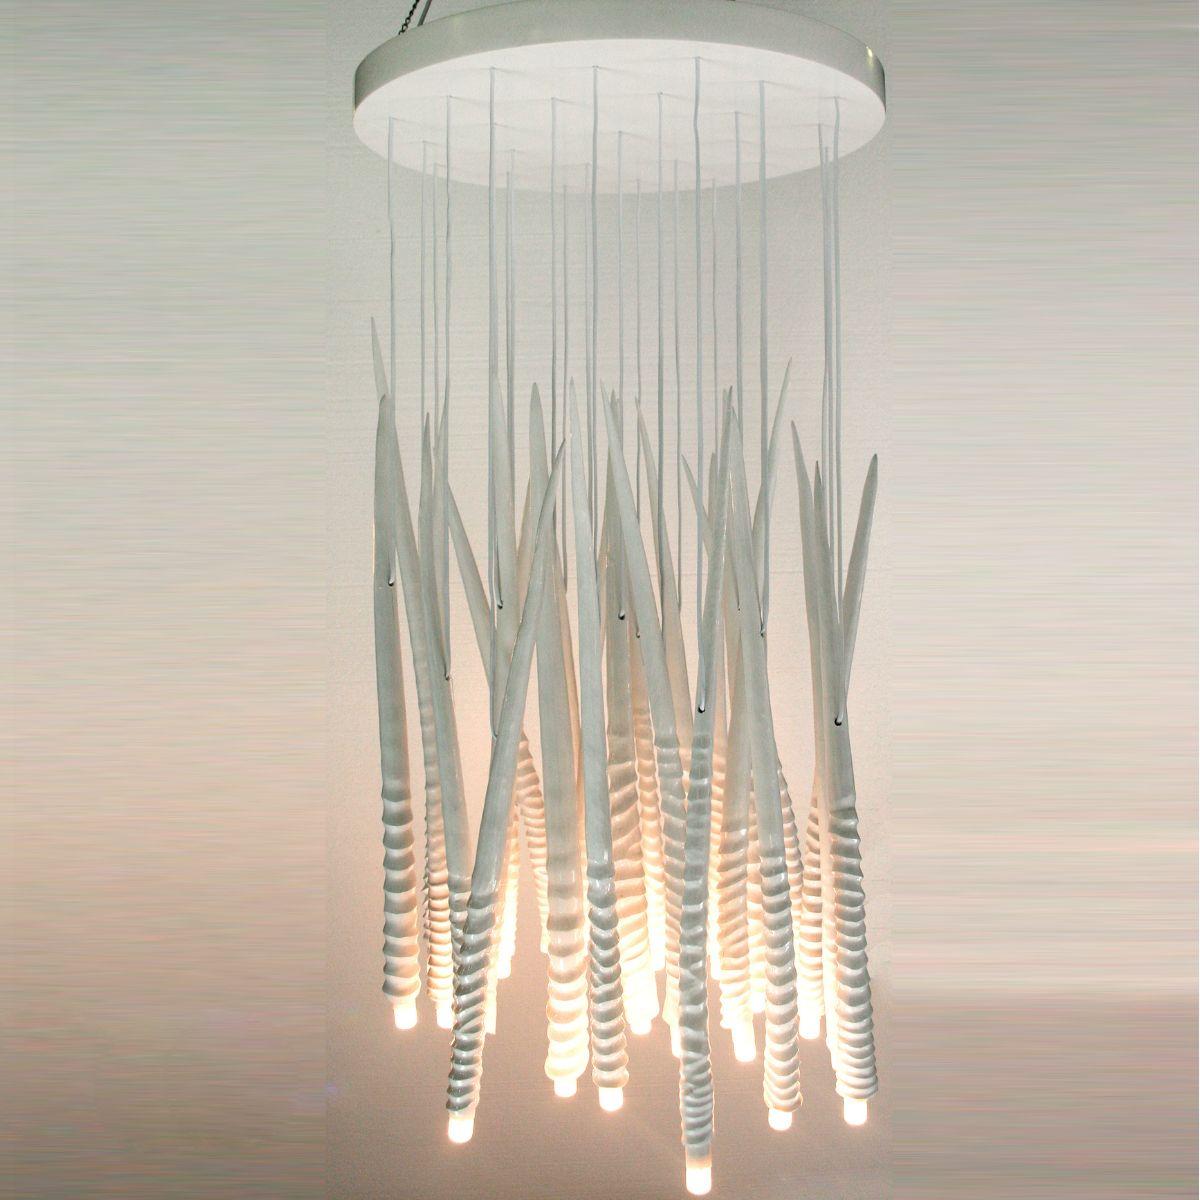 Horn chandelier round gemsbok horn chandeliers and bulbs twenty five bulb round gemsbok horn chandelier arubaitofo Gallery